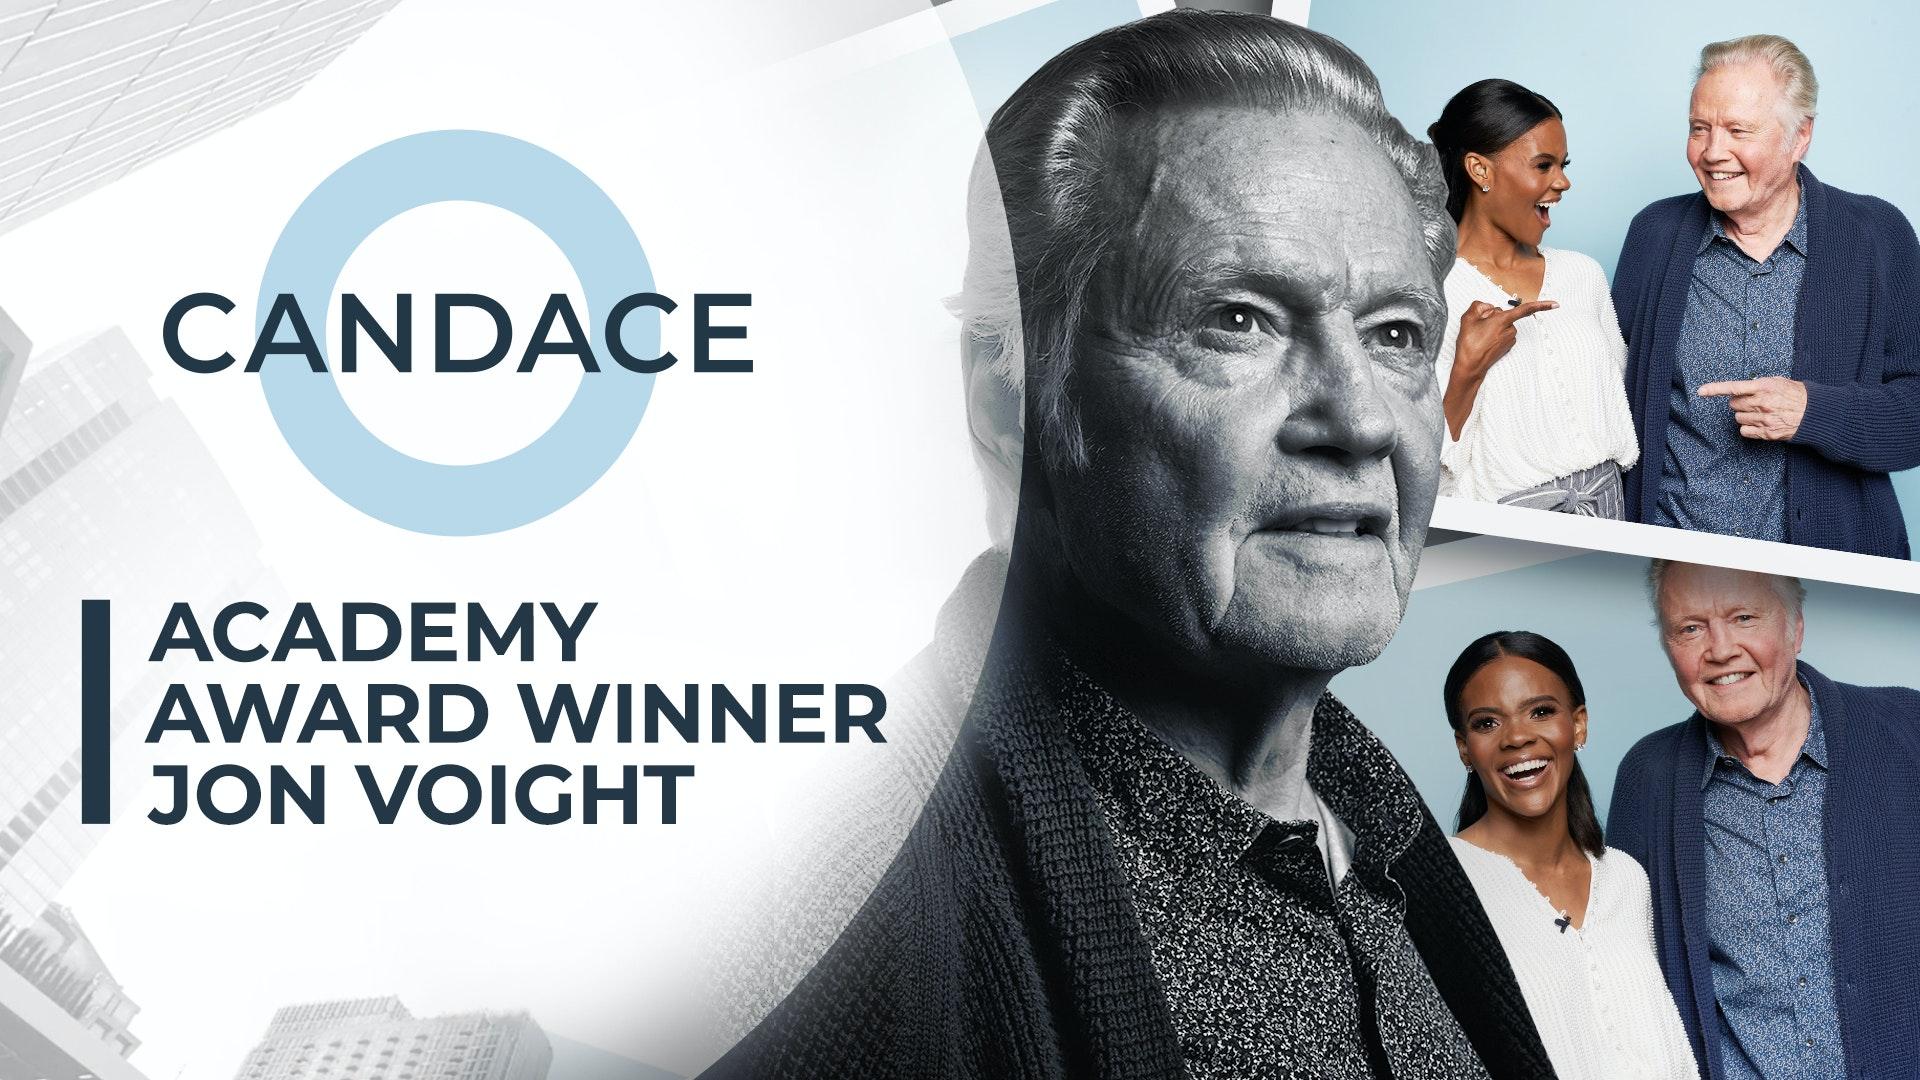 Episode 15 - Academy Award Winner Jon Voight